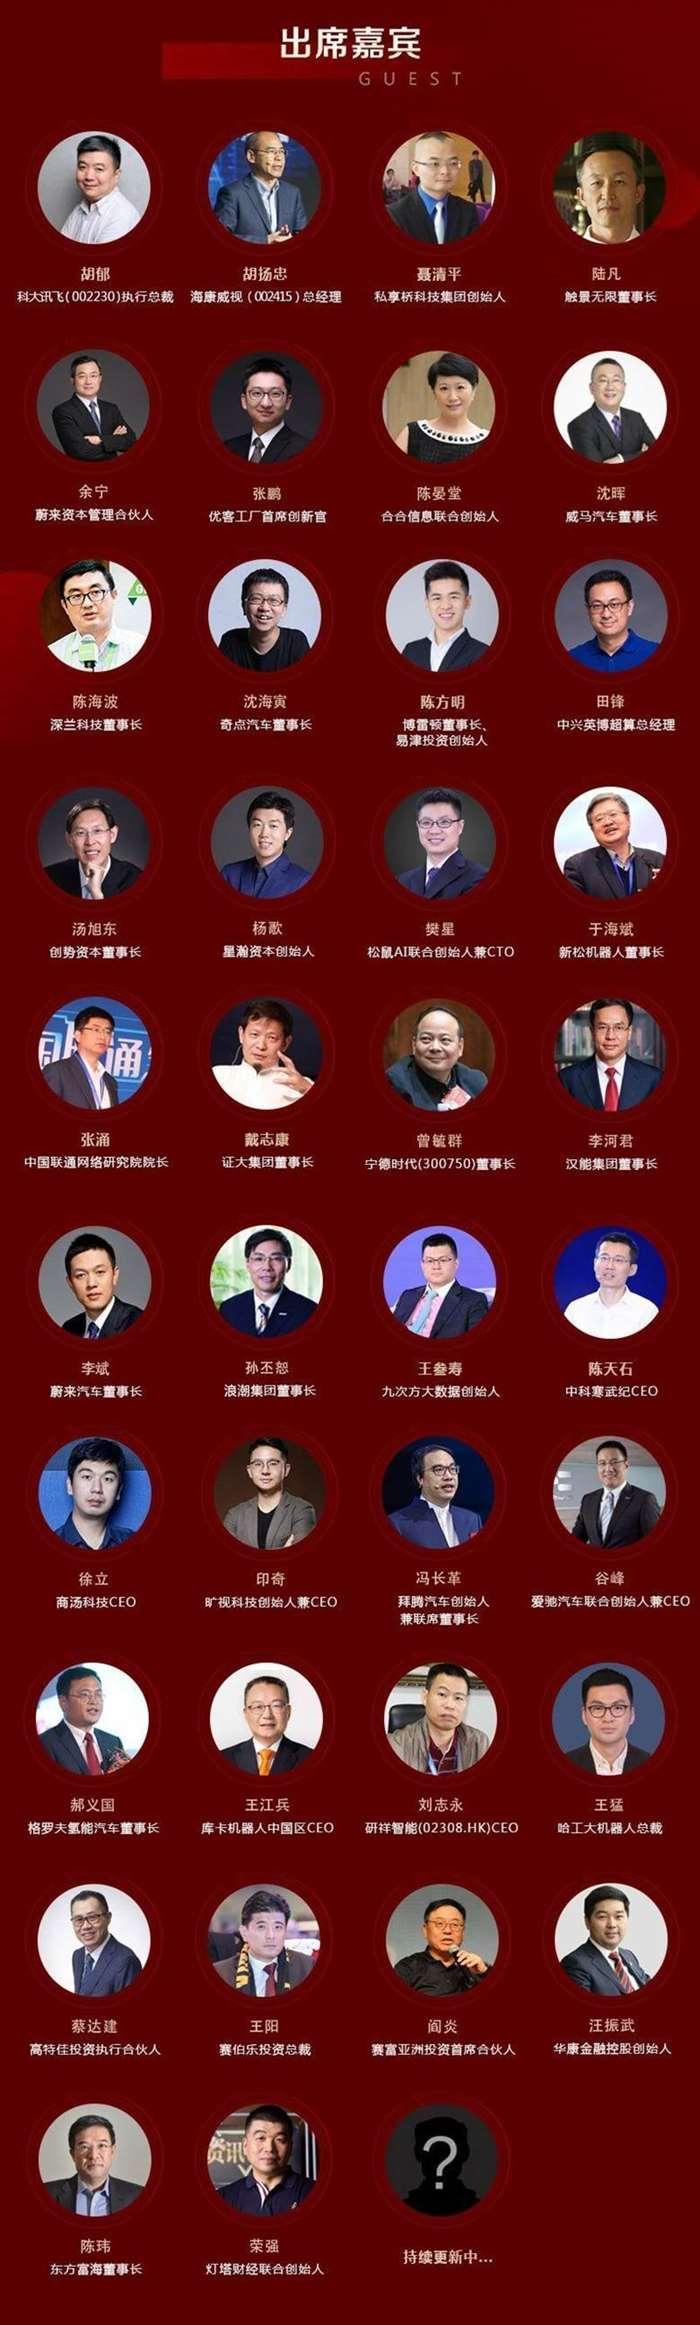 北京峰会长图515_02-min.jpg